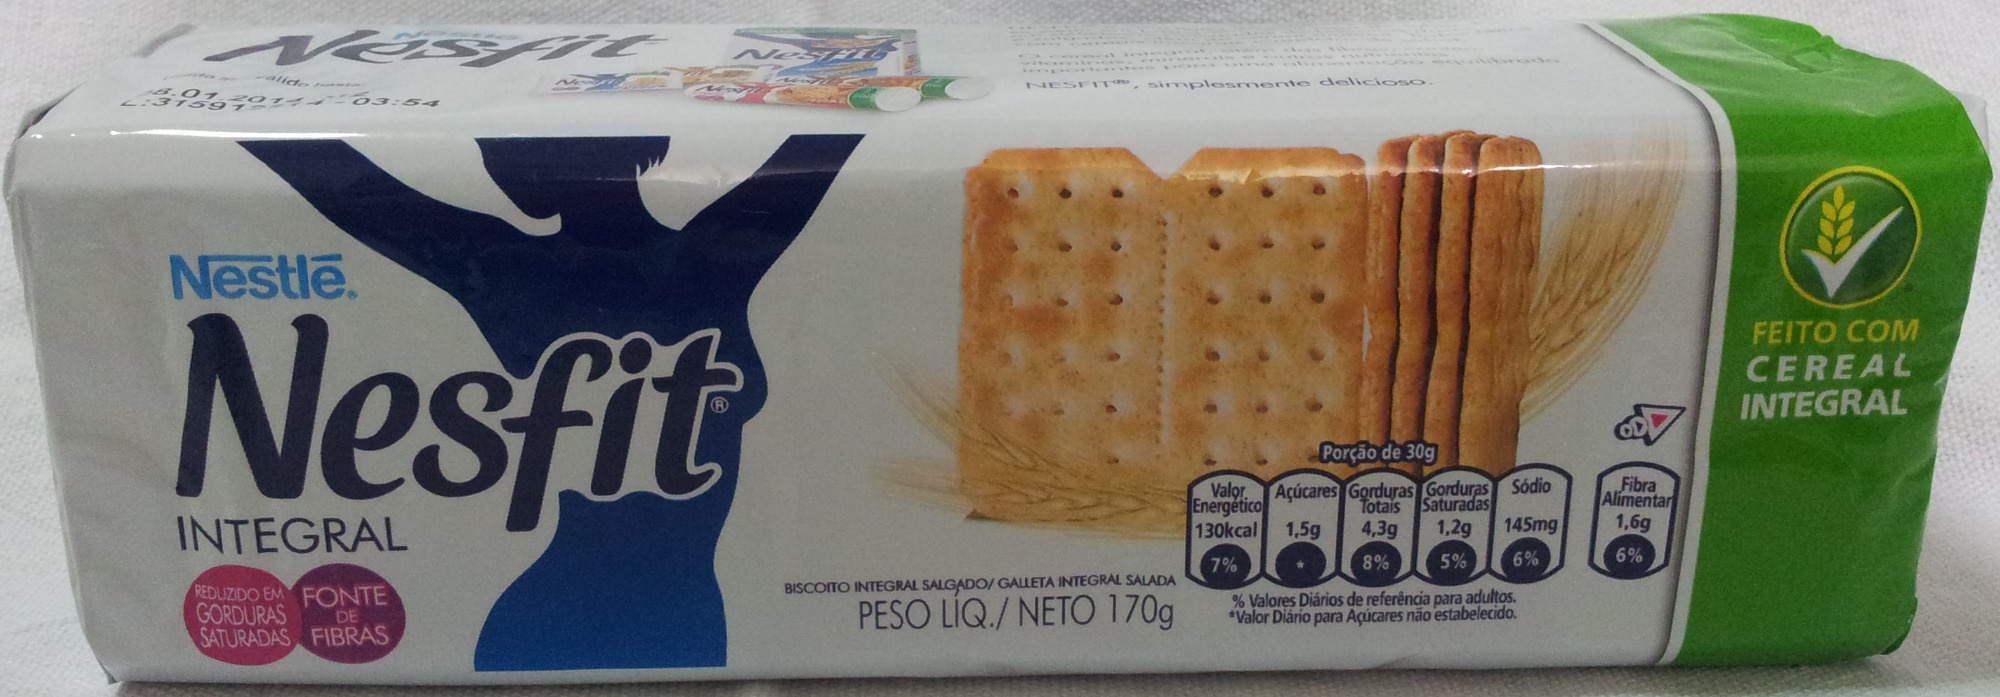 Nestlé Nesfit Integral - Product